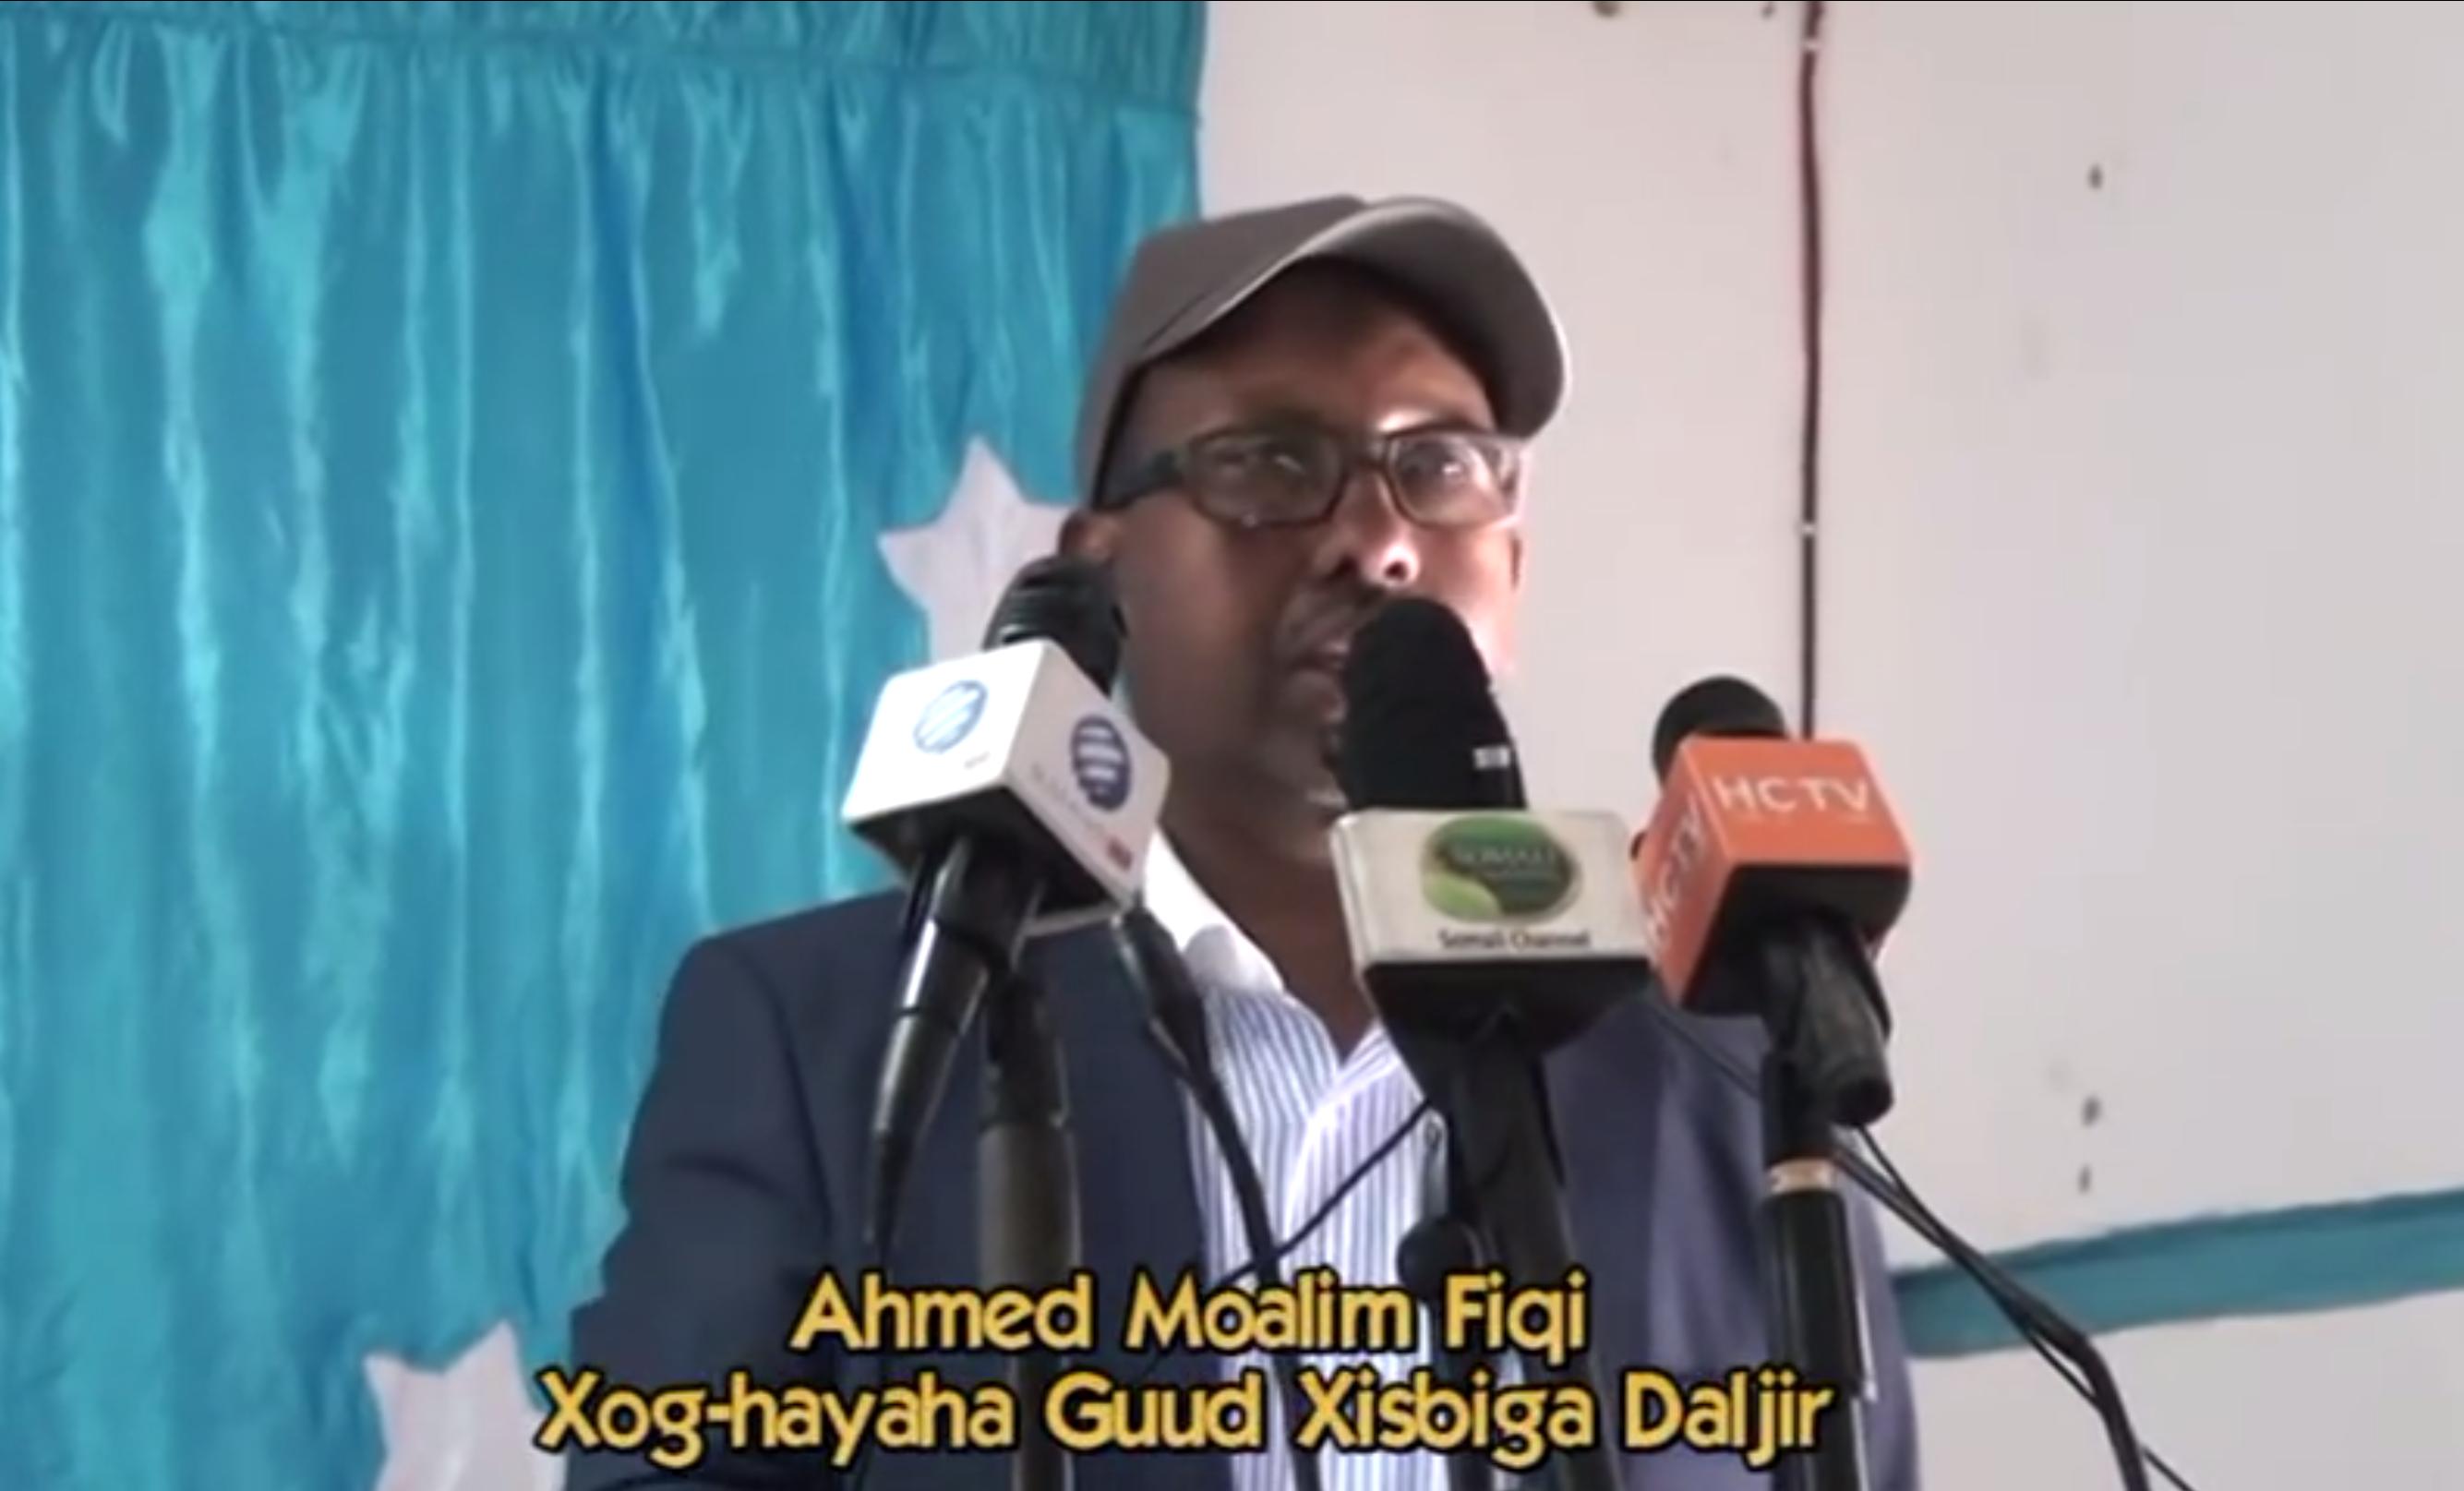 [Daawo] khudbadii Damujadiid ka hurdi waayeen iyo Sideey Dastuurka ugu xadgudbeen ?